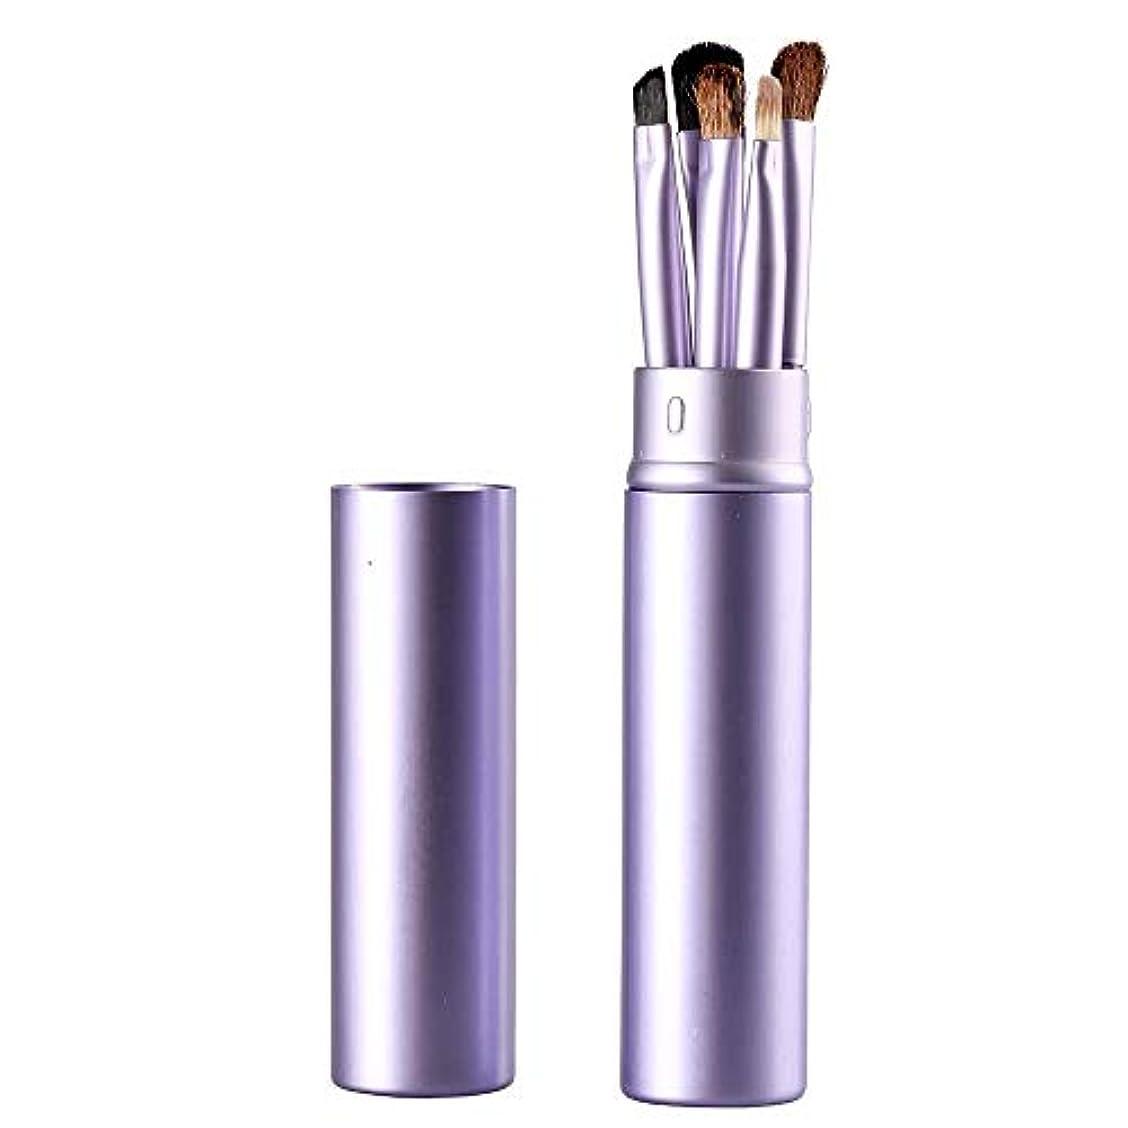 安全性懐準備Makeup brushes 紫色、アイメイクブラシセットブラシ5アイブラシメイクペン美容メイクツールで化粧チューブ保護 suits (Color : Purple)